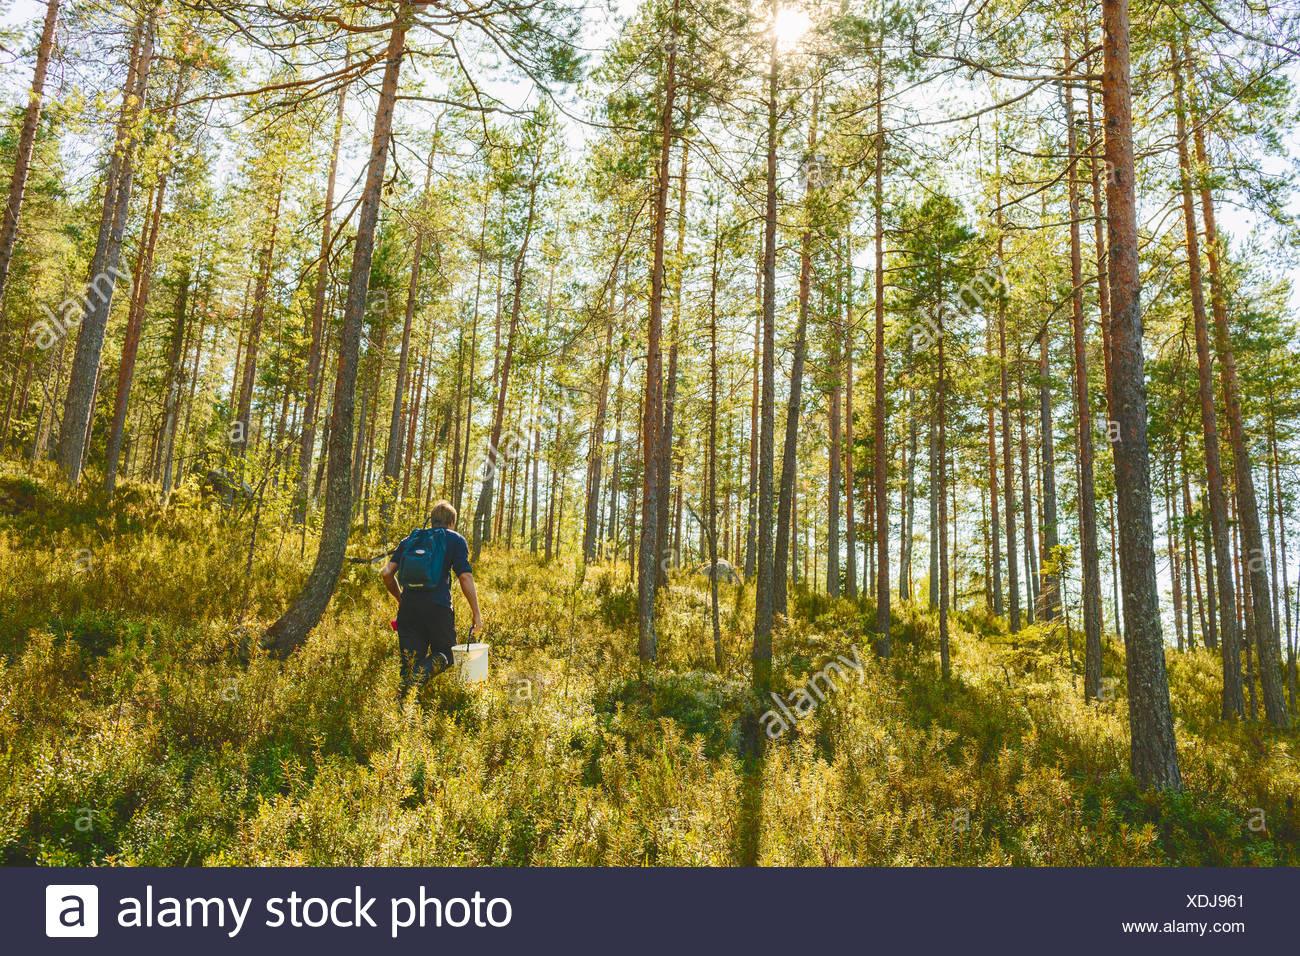 Finland, Keski-Suomi, Jyvaskyla, Man walking in pine forest - Stock Image